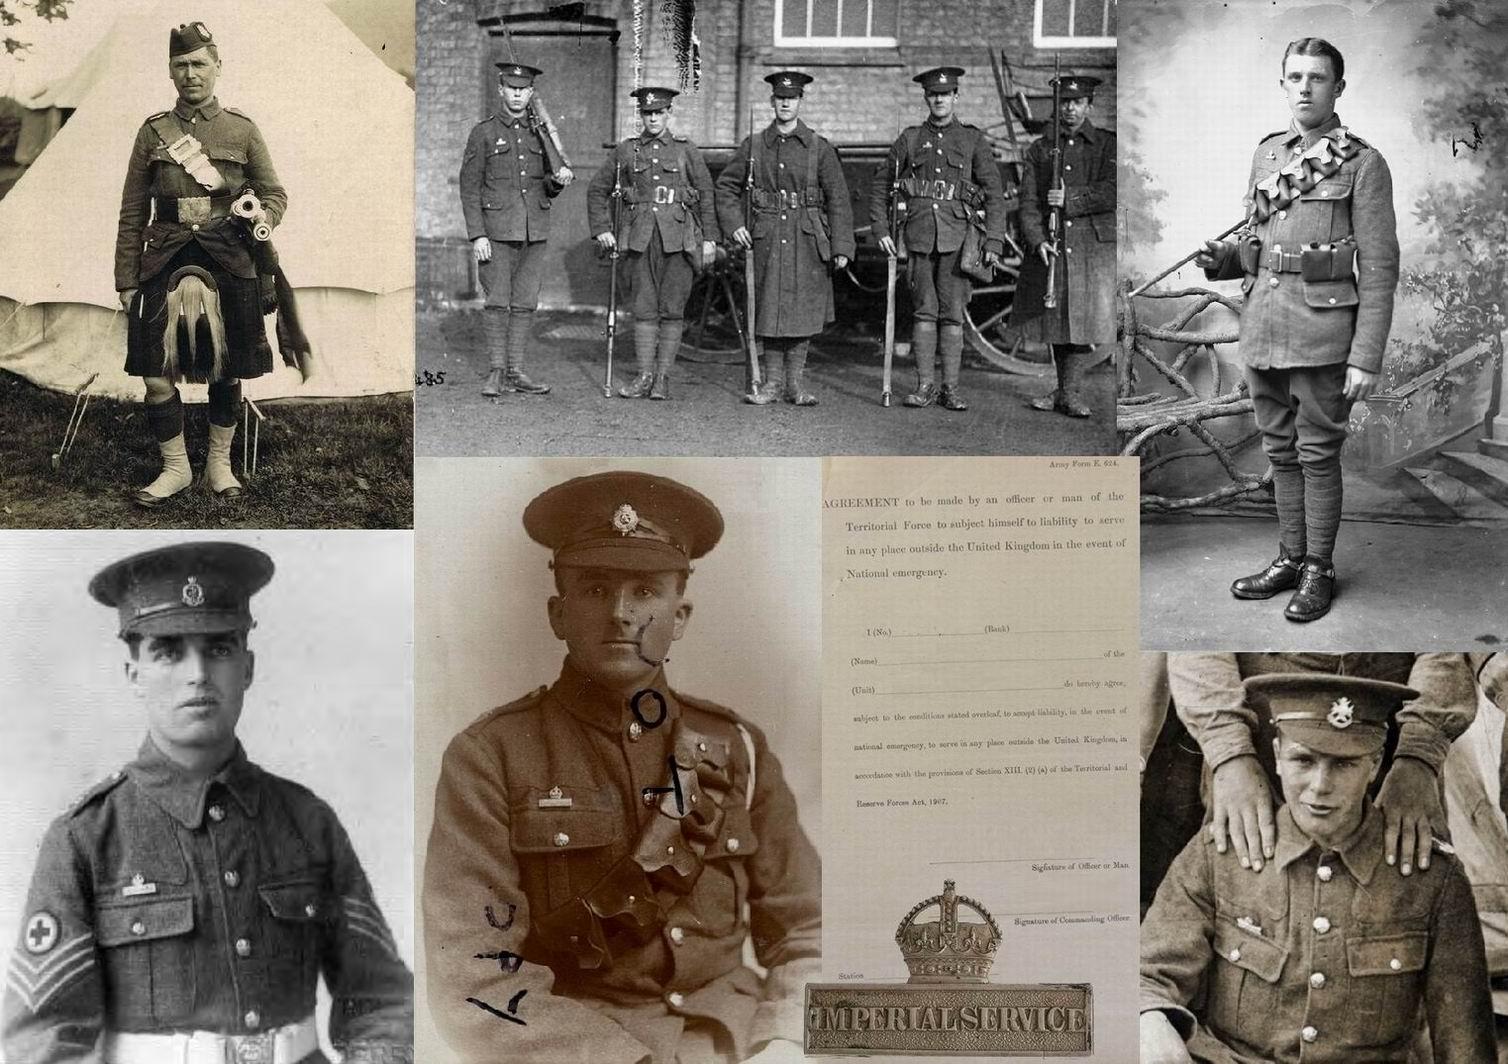 """До войны планировалось, что в территориальном батальоне должно быть от 16% до 25% солдат, готовых для заморской службы. С униформологической точки зрения — подписавшие обязательство гордо носили над правым карманом значок """"Имперской службы""""."""